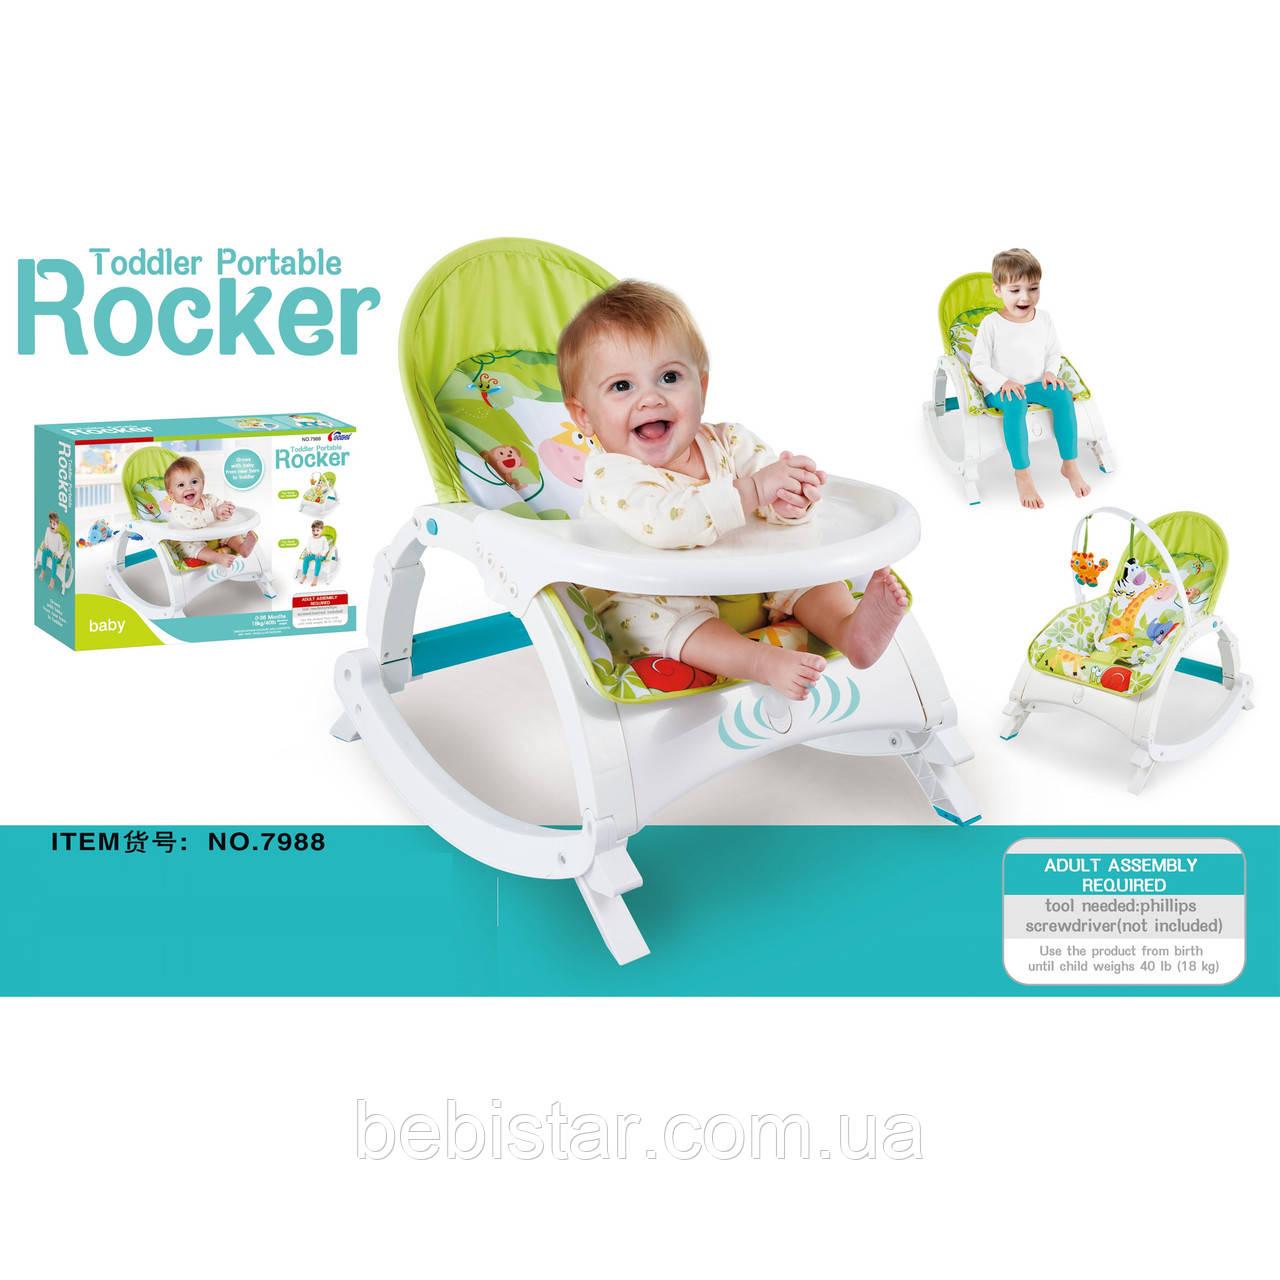 Детский шезлонг стульчик качалка салатовый до 18кг с музыкой и успокаивающей вибрацией